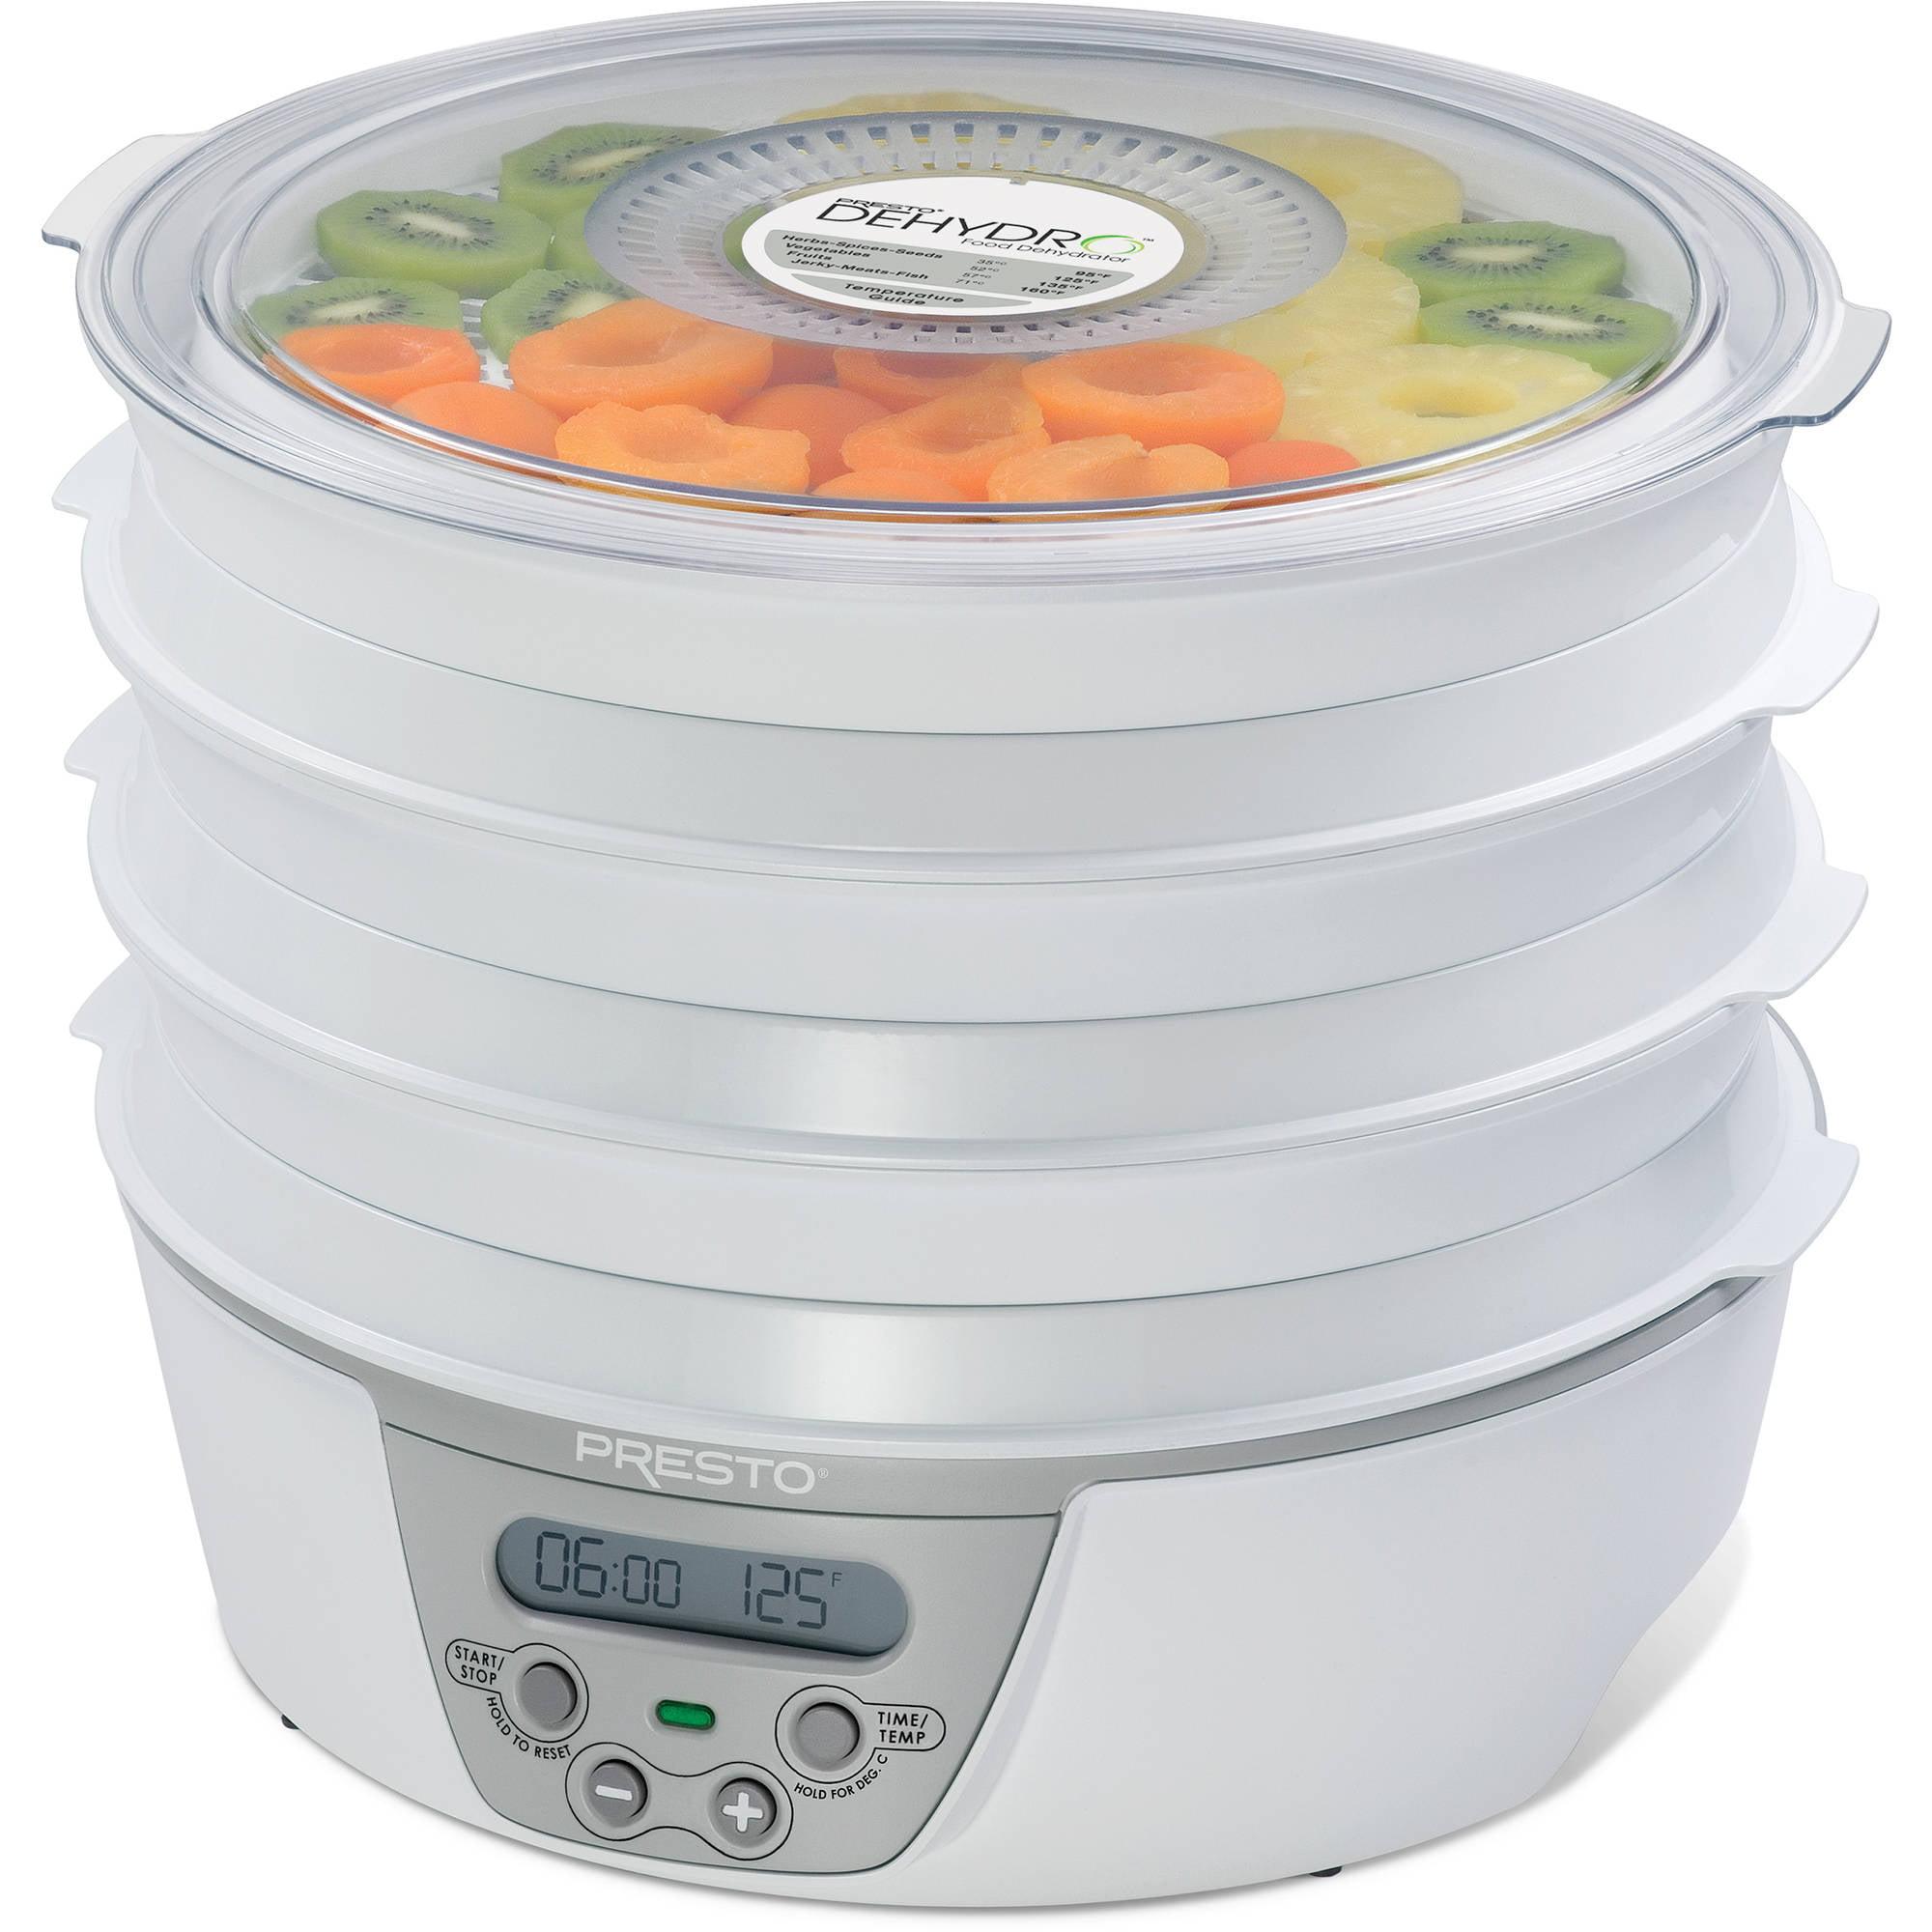 Presto Dehydro Digital Electric Food Dehydrator, 06301